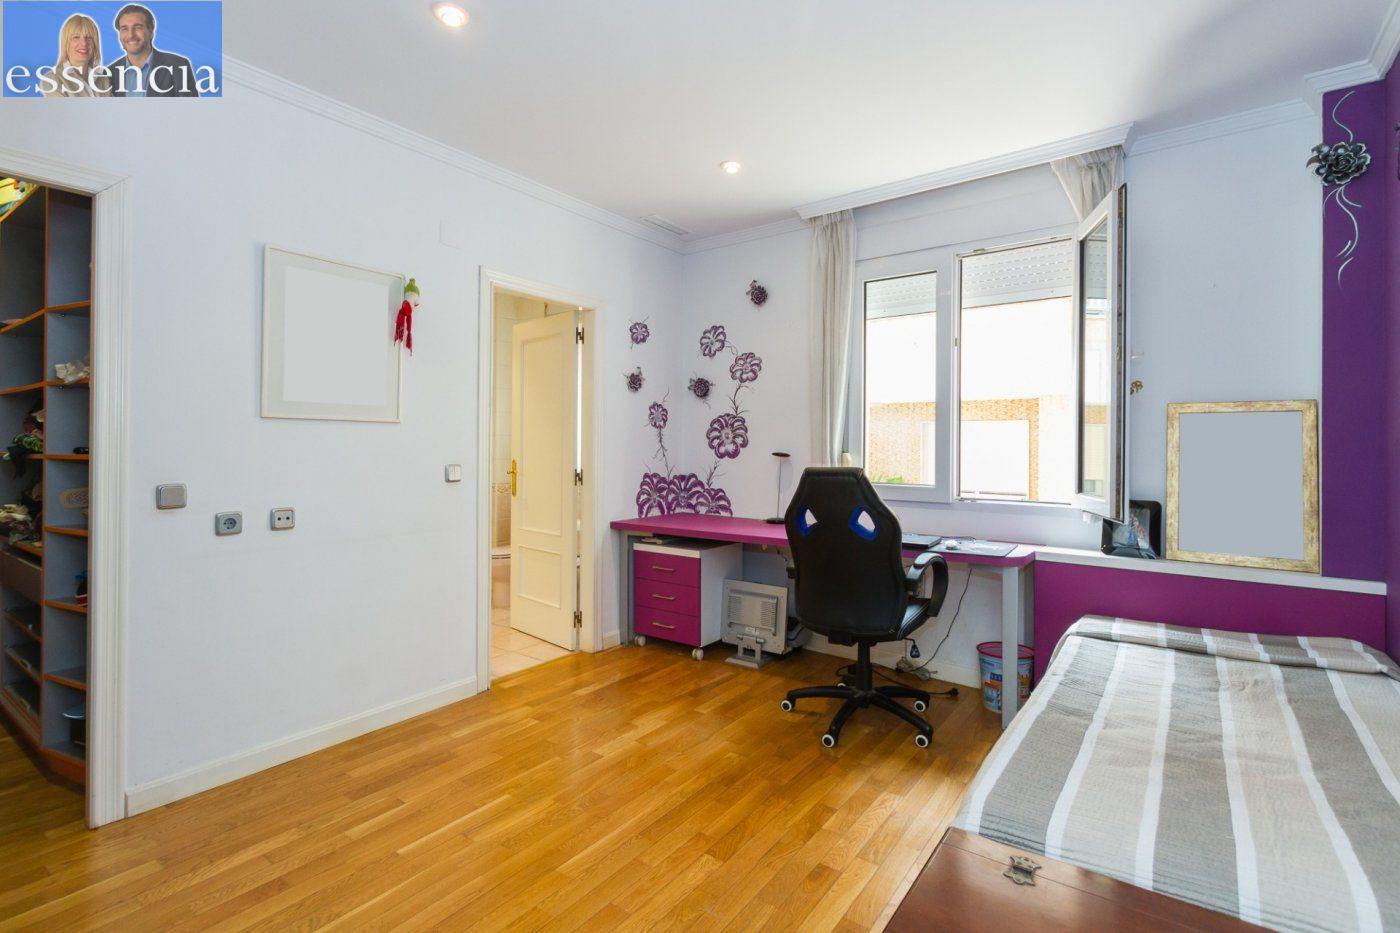 Casa con encanto en el centro de gandÍa para clientes vip - imagenInmueble28